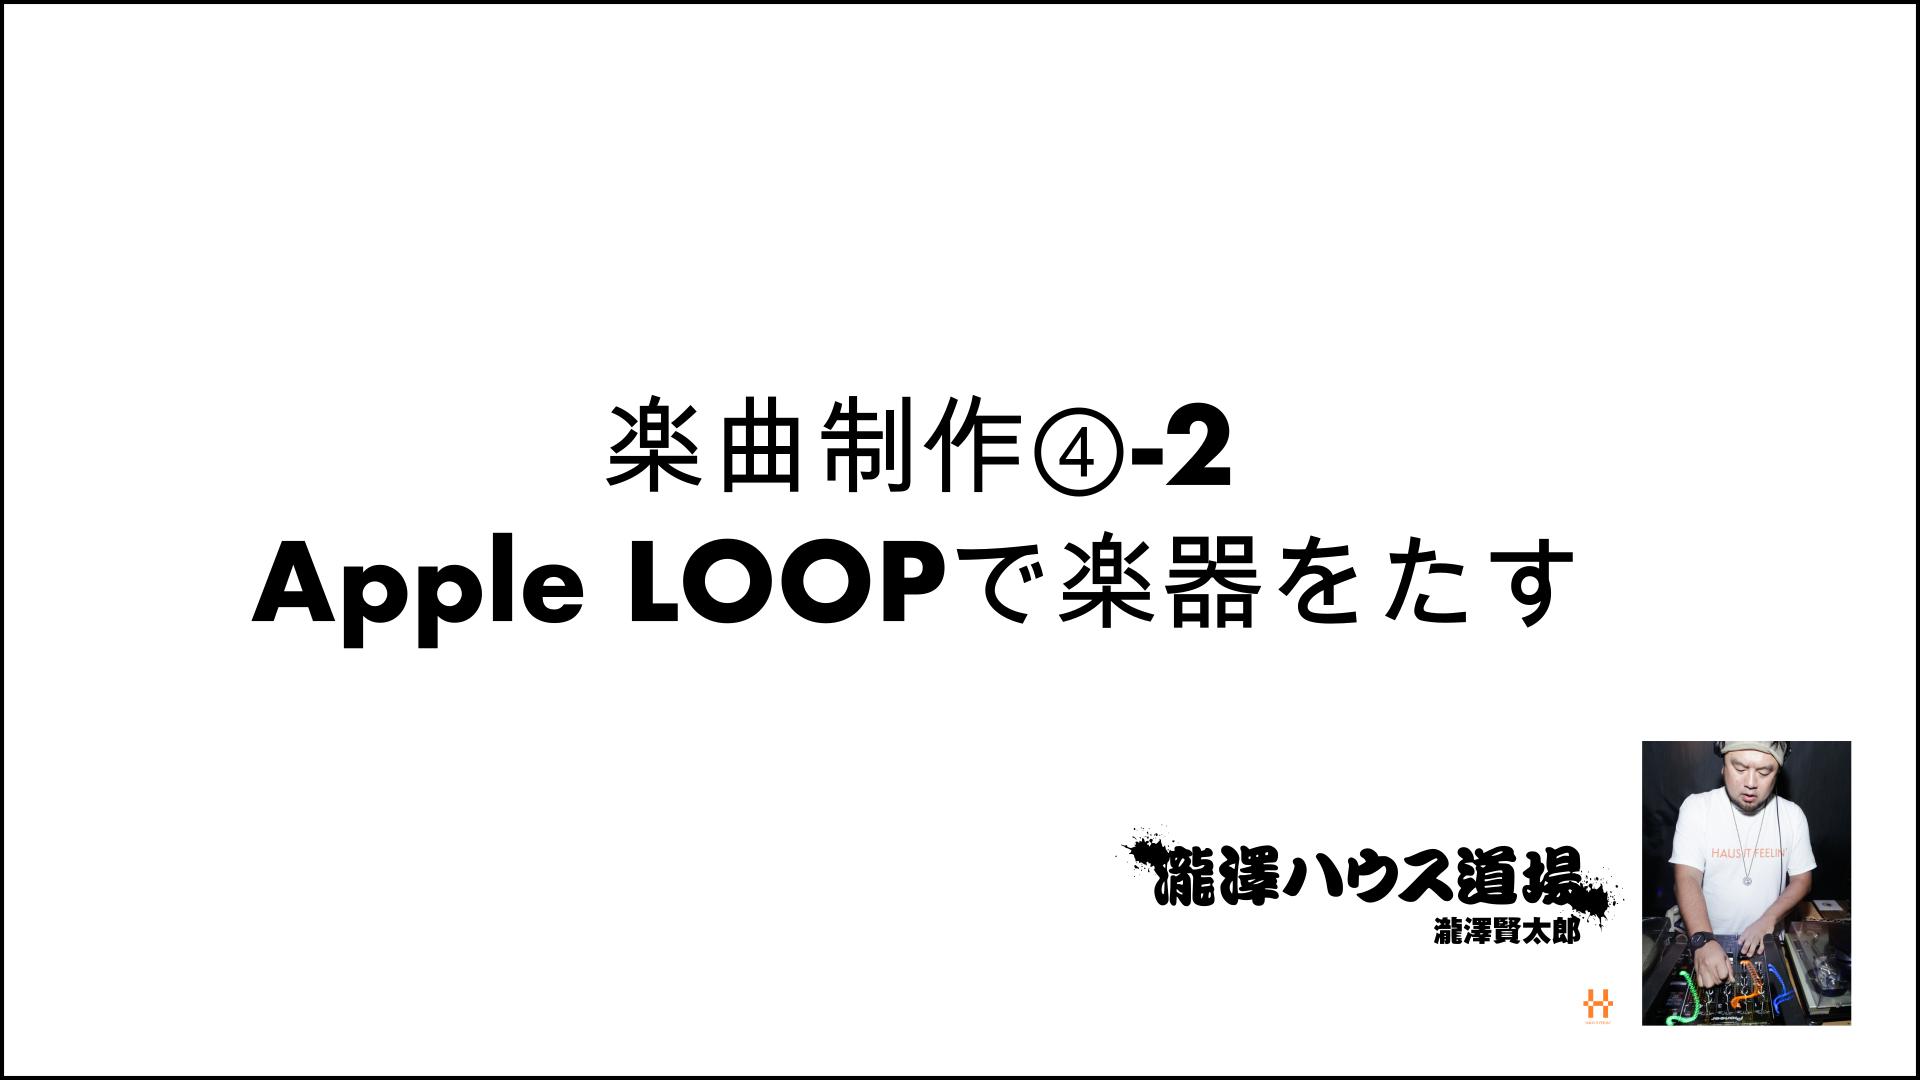 楽々ハウス楽曲制作④-2 AppleLOOPで楽器をたす 200812